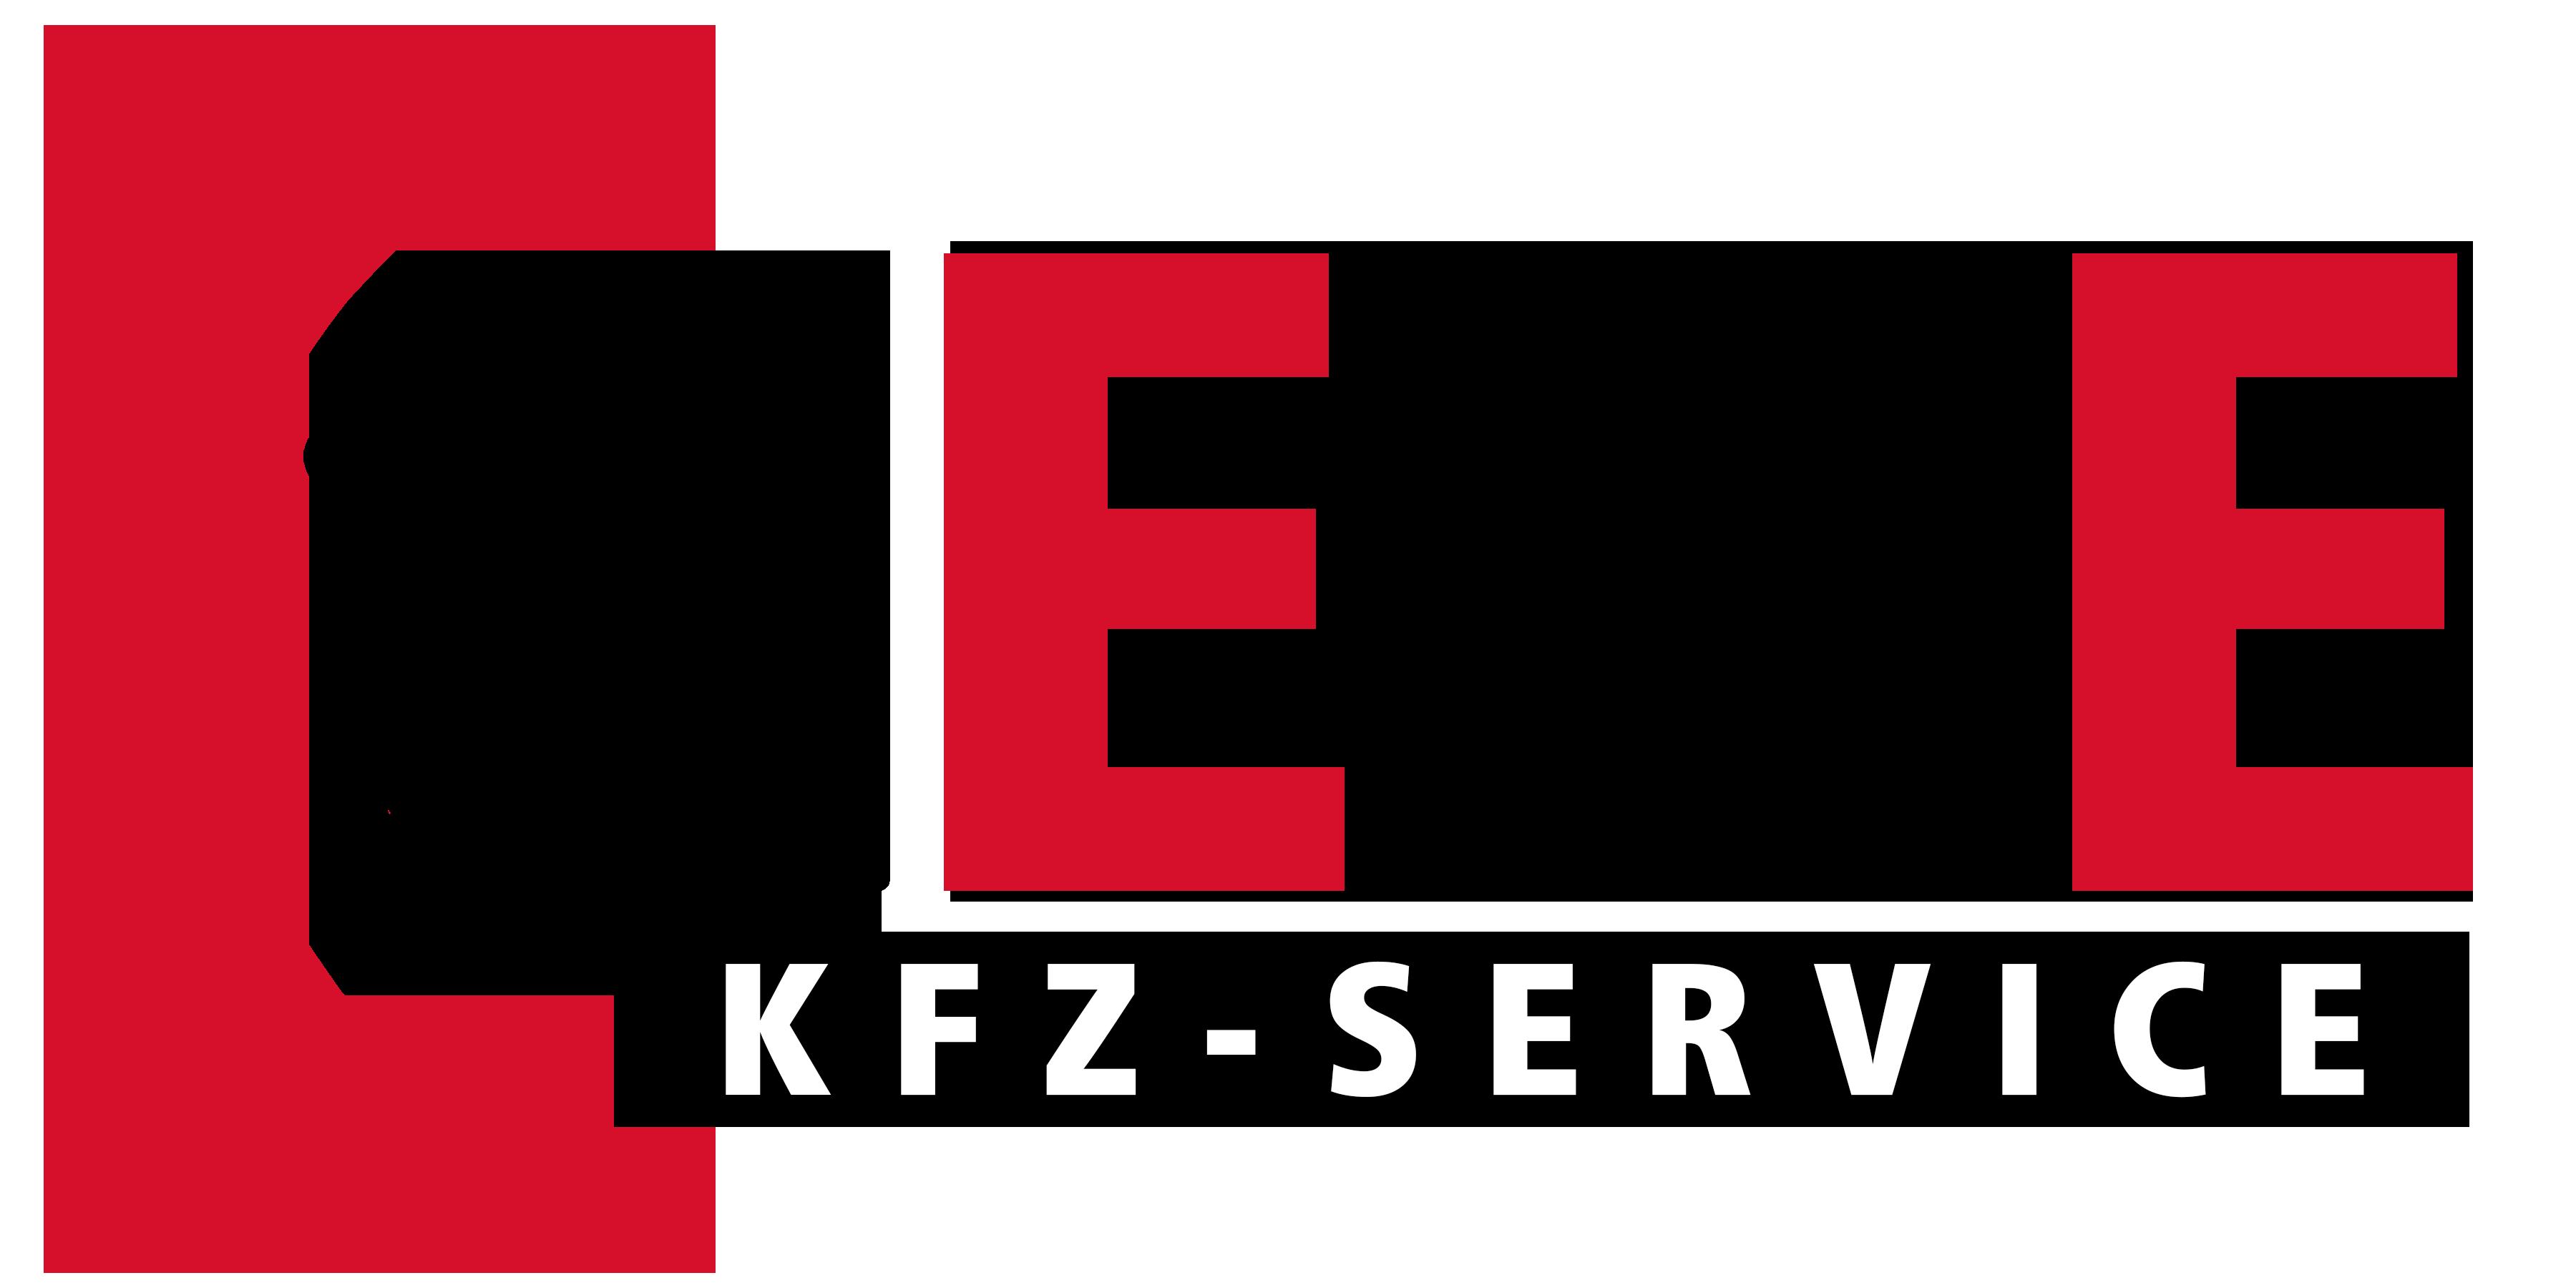 E&E - KFZ SERVICE